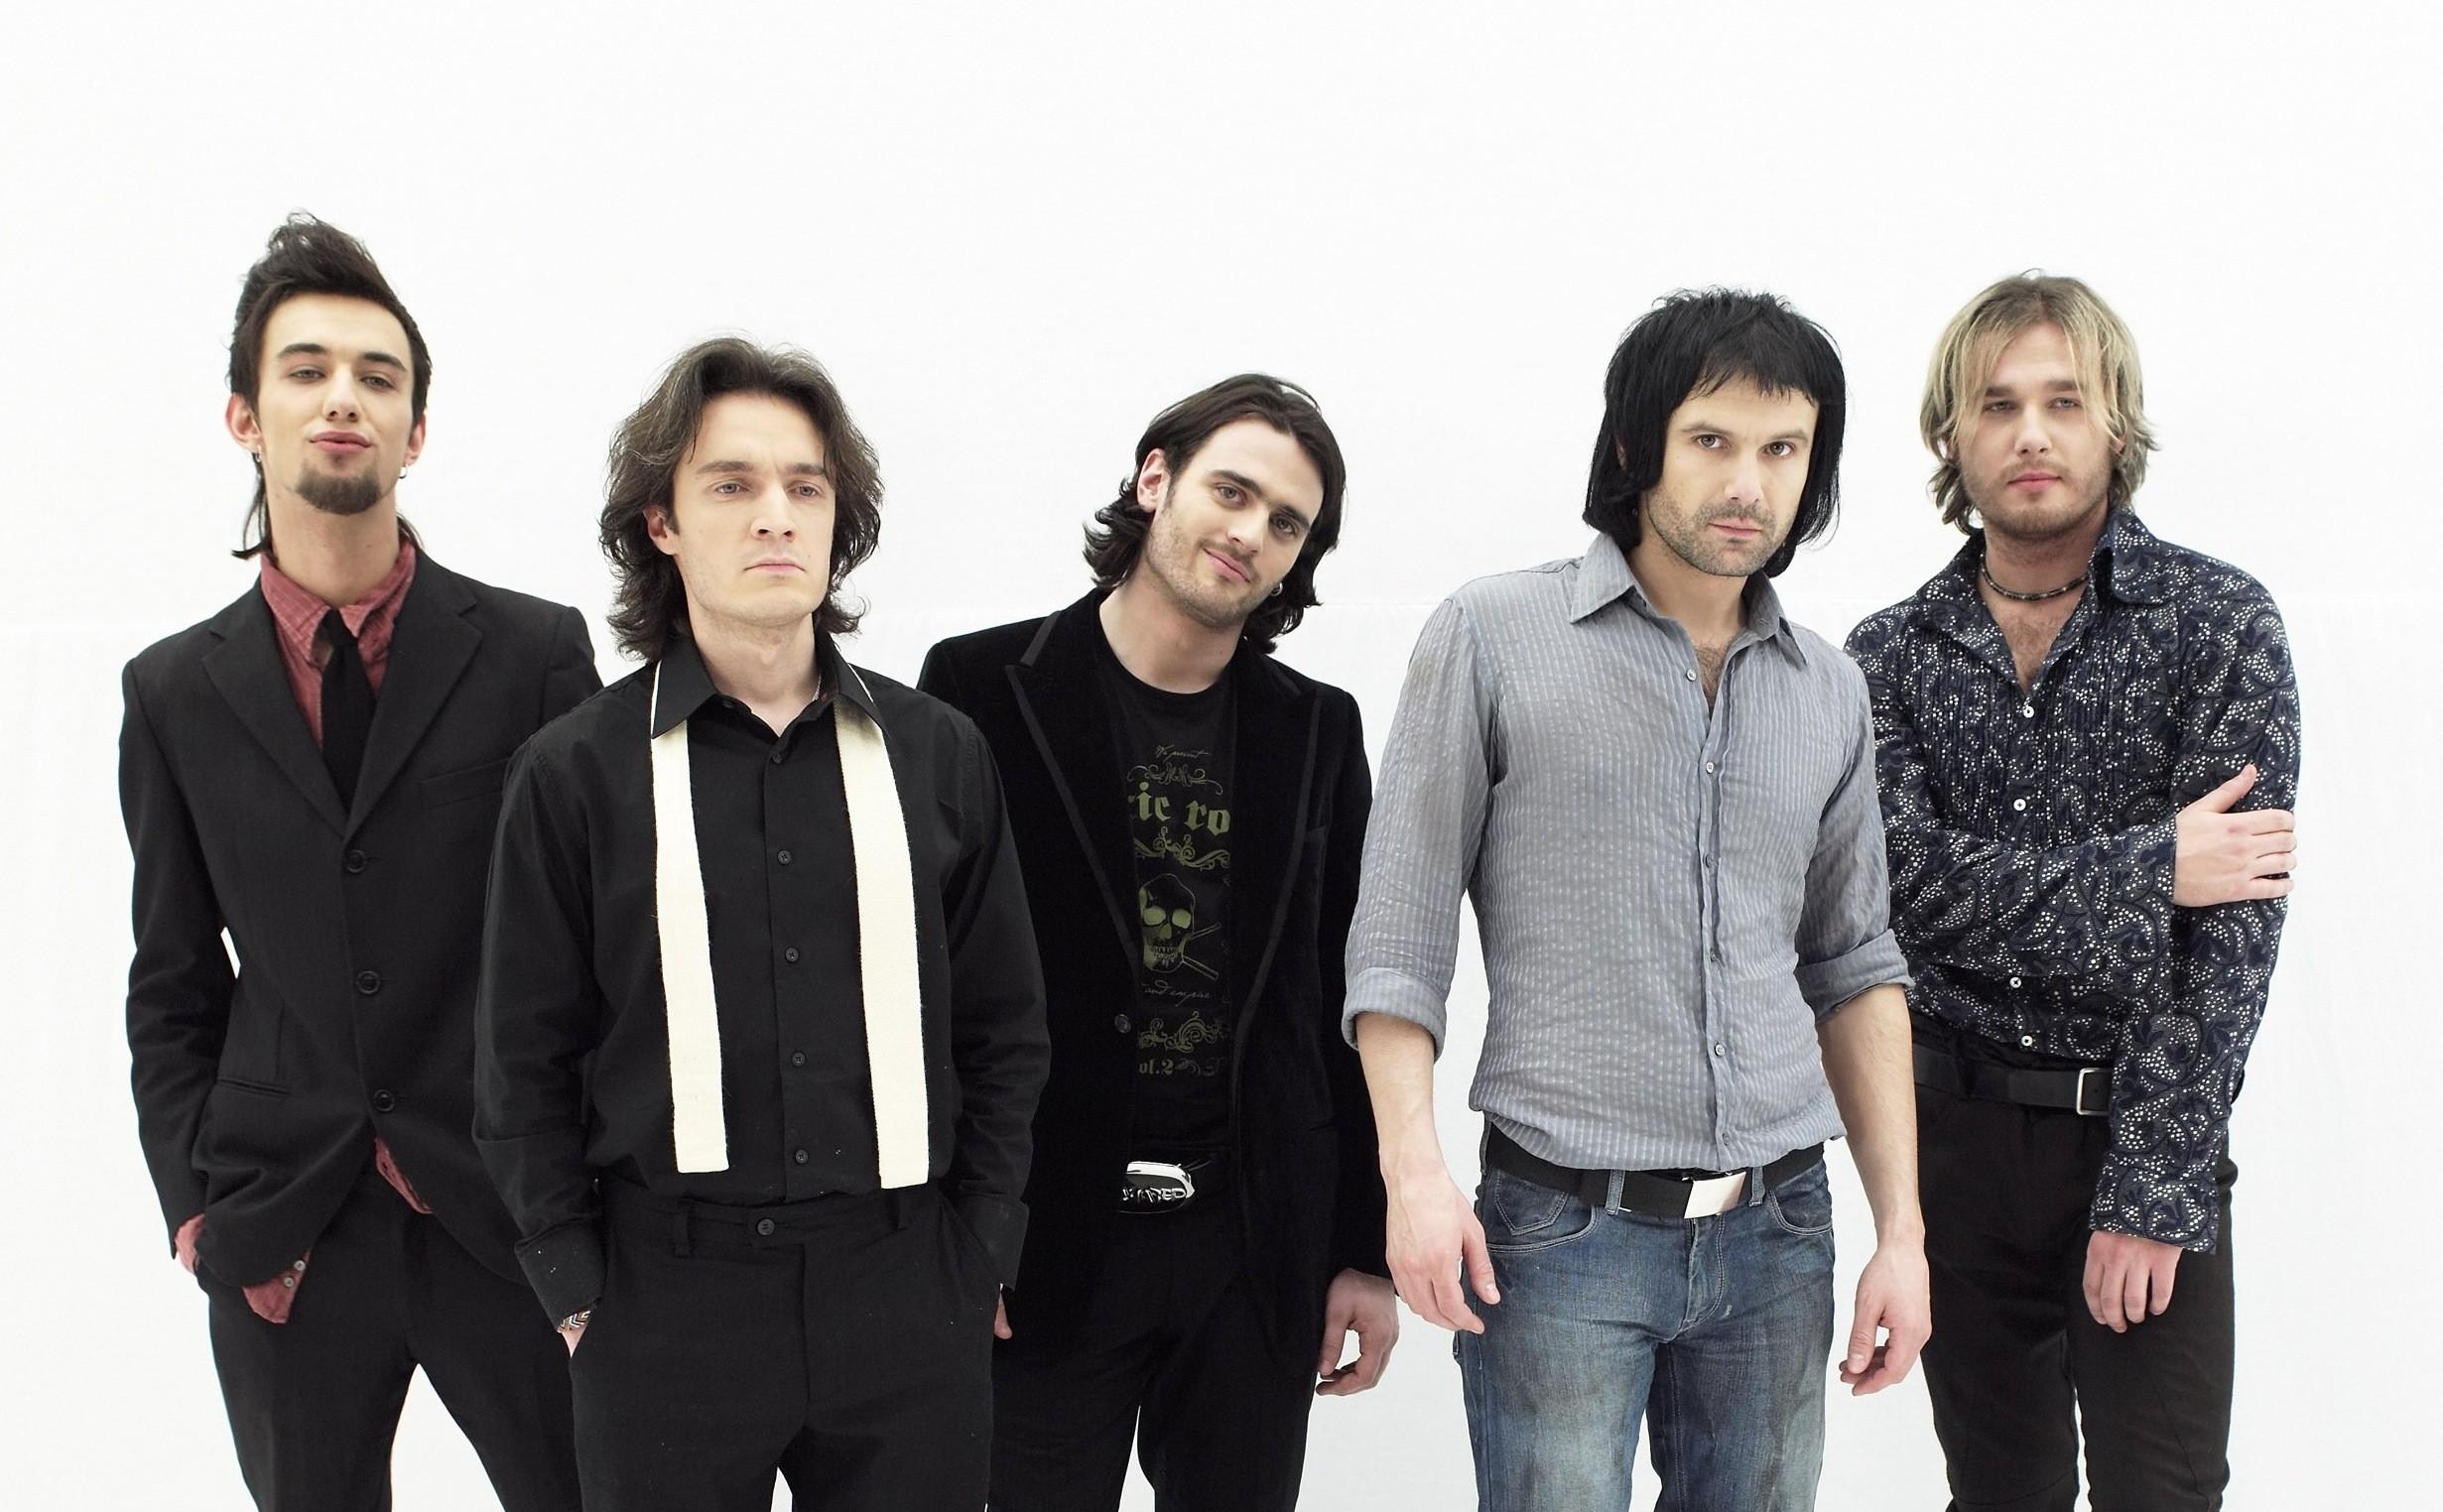 Украинская рок-группа Океан Эльзы выпустит новый альбом